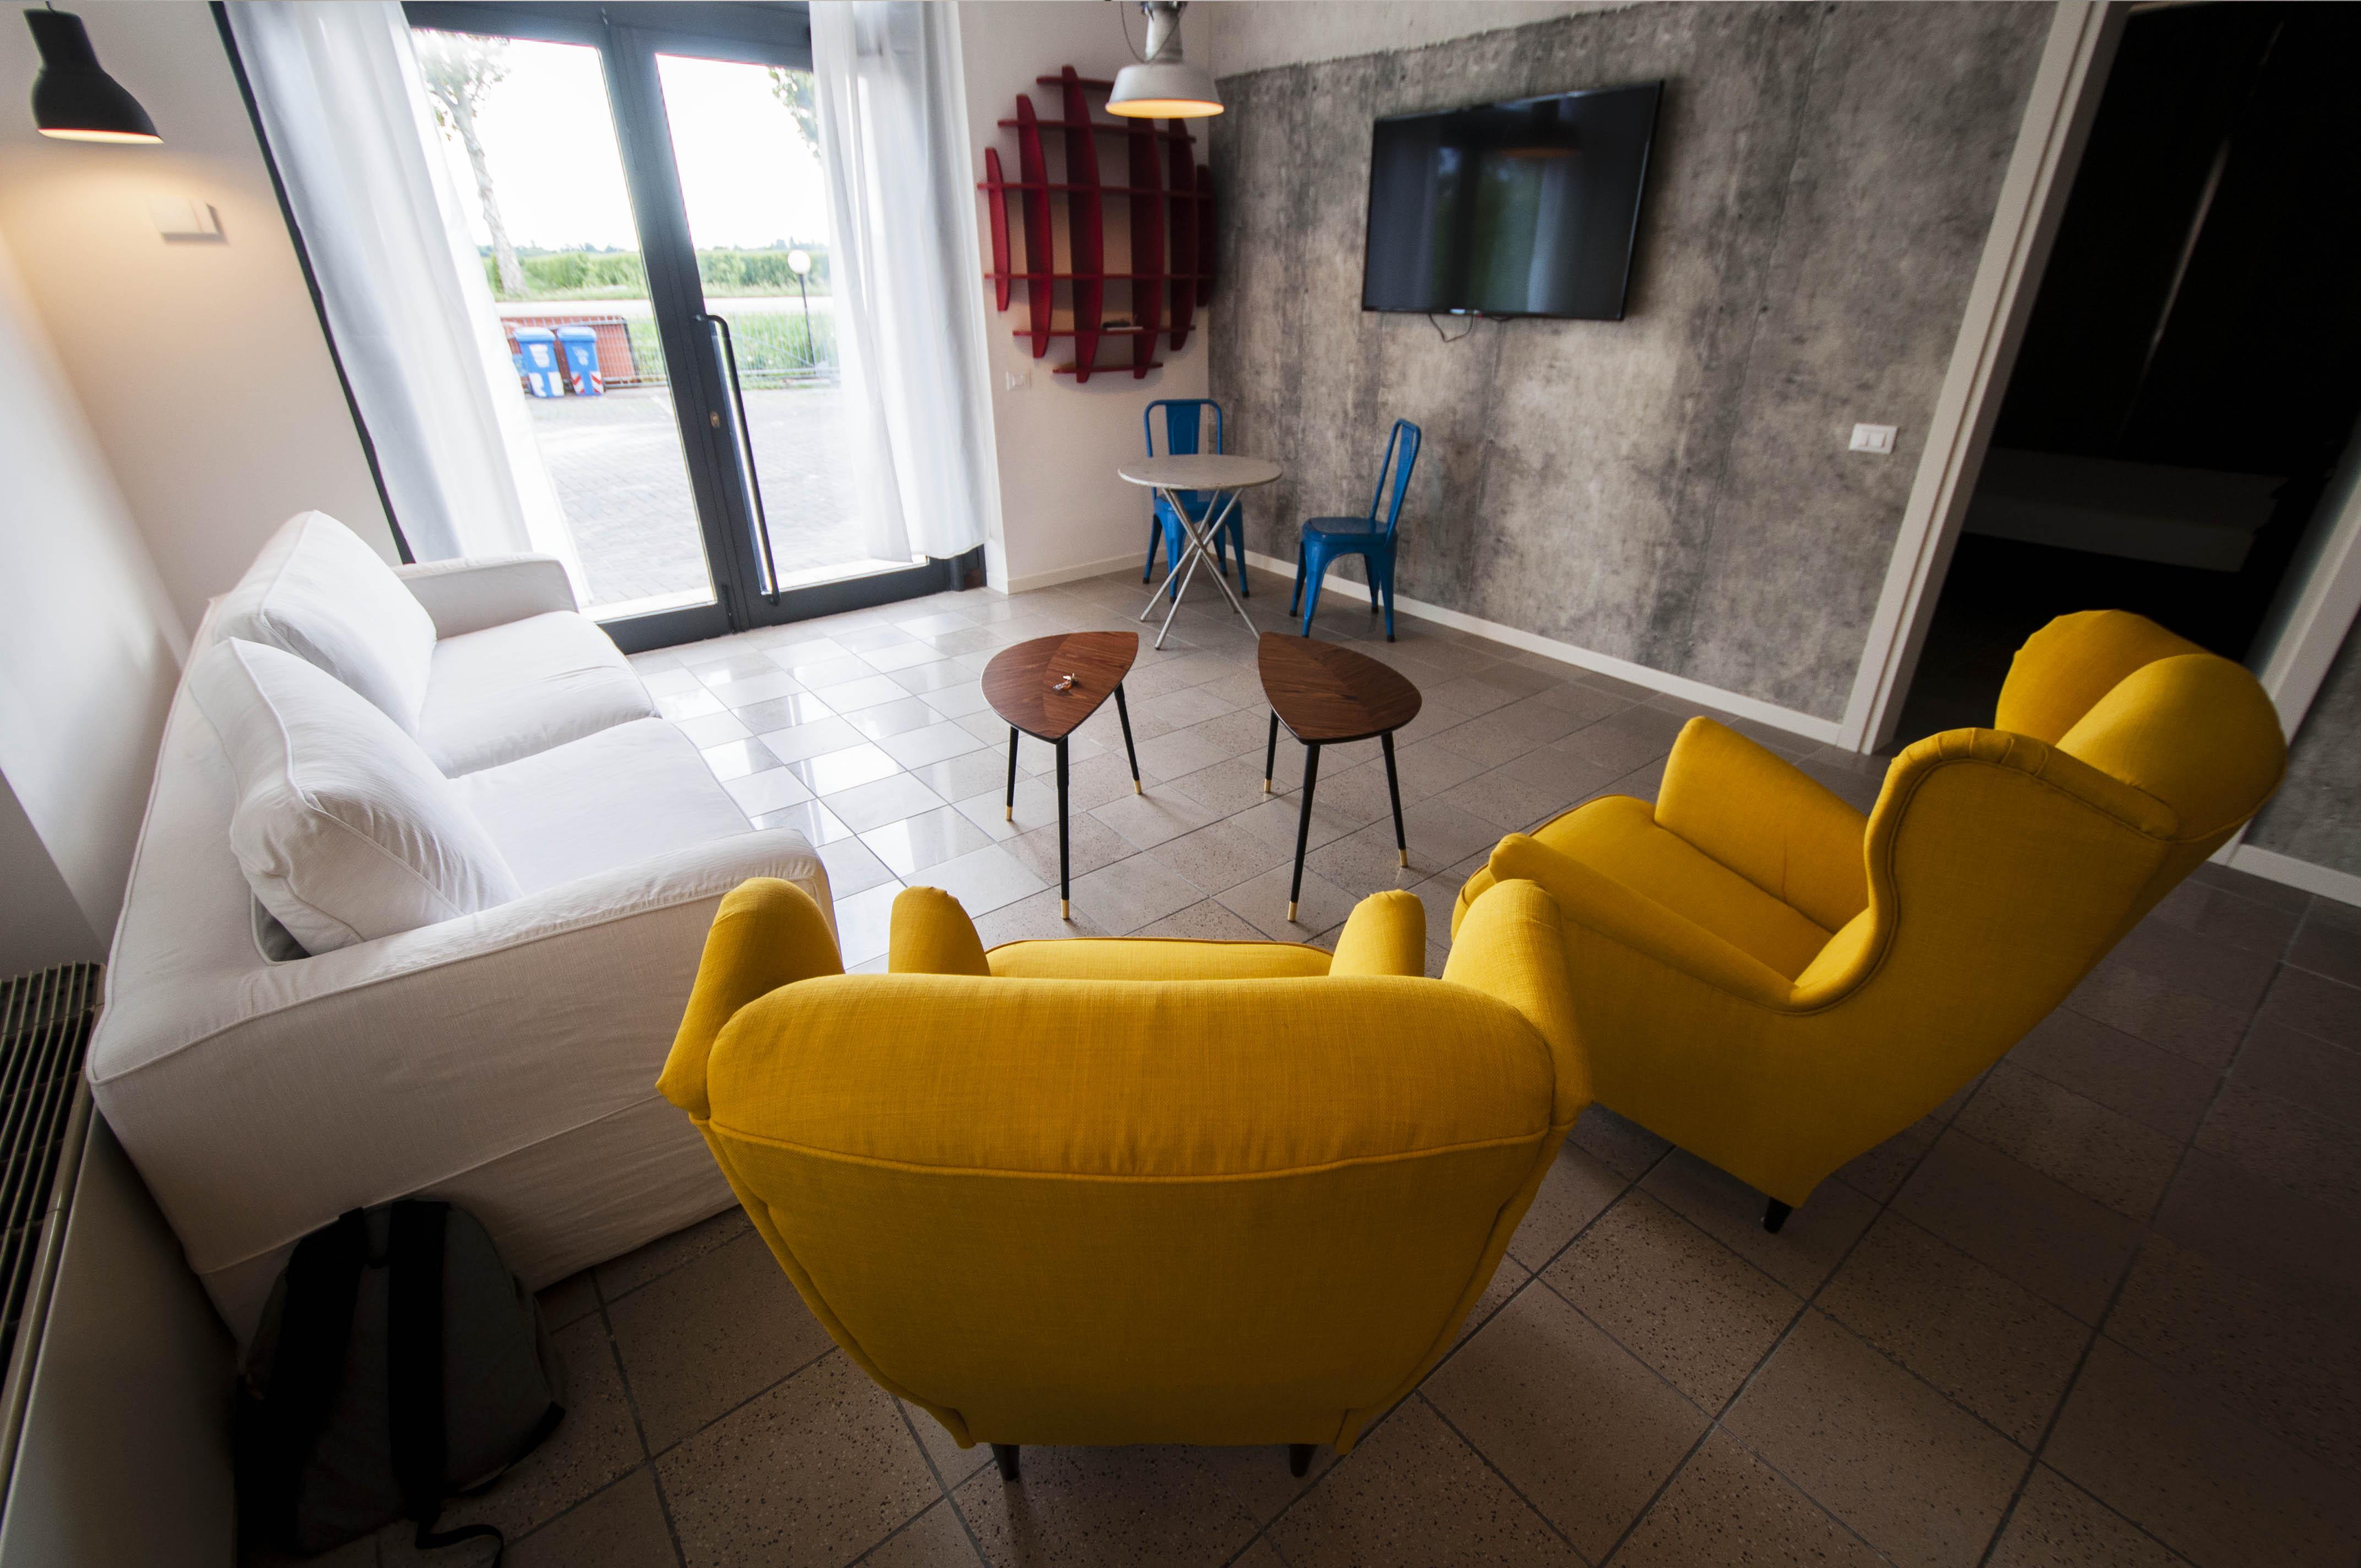 Camere in Affitto Treviso Villorba - Studio Architettura Zanatta 05